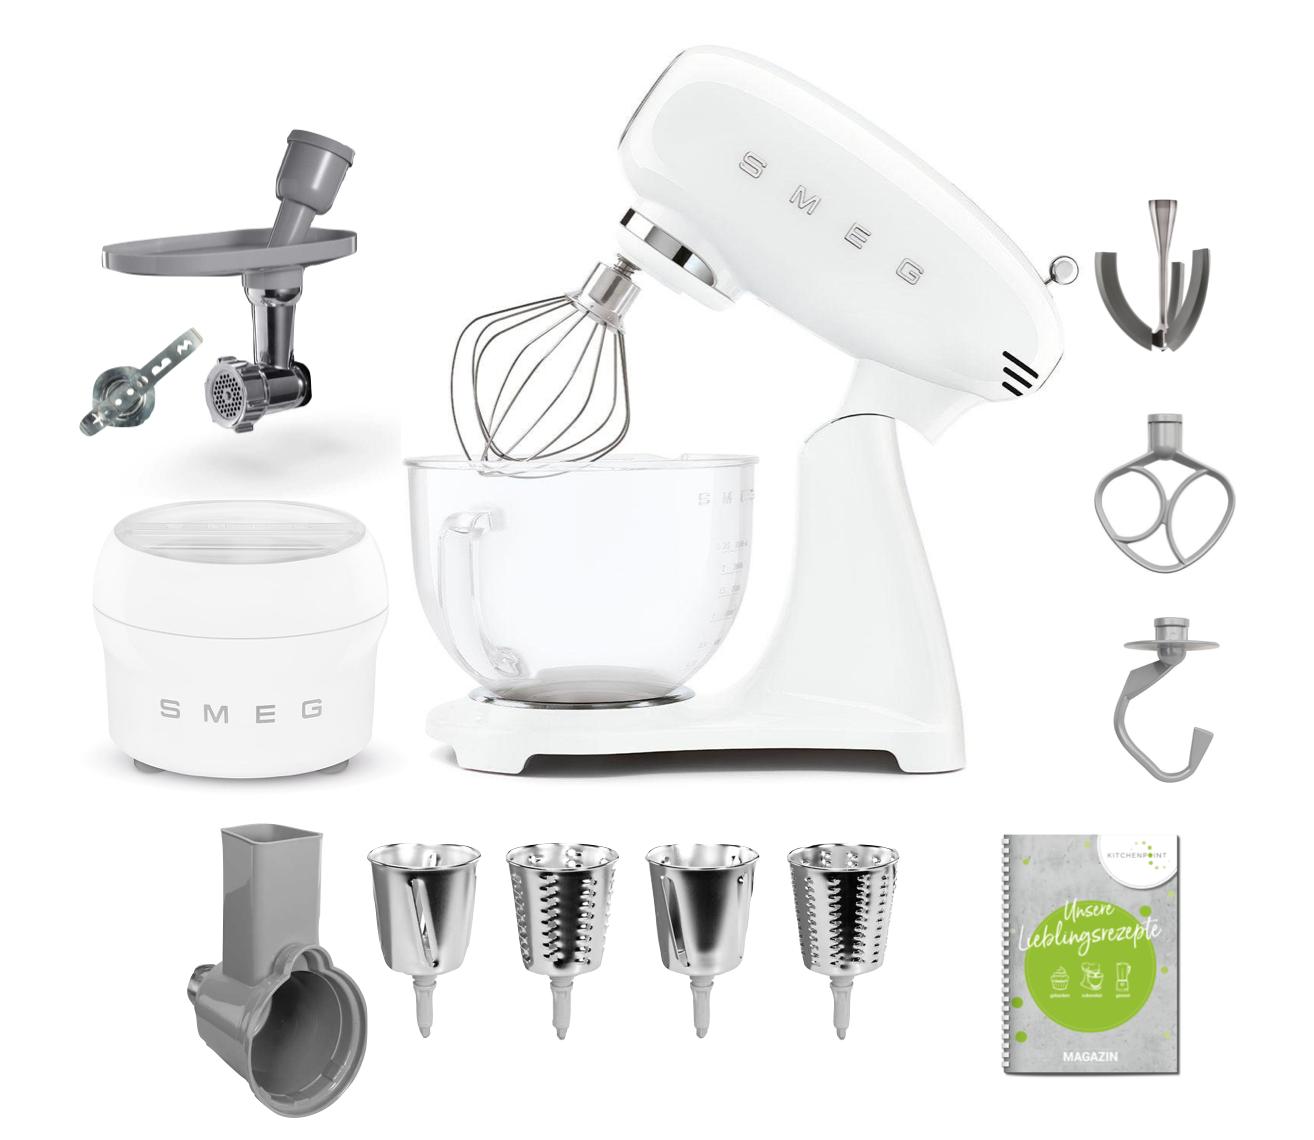 SMEG Küchenmaschine SMF13 Vollfarbe - Gourmet Set Weiss